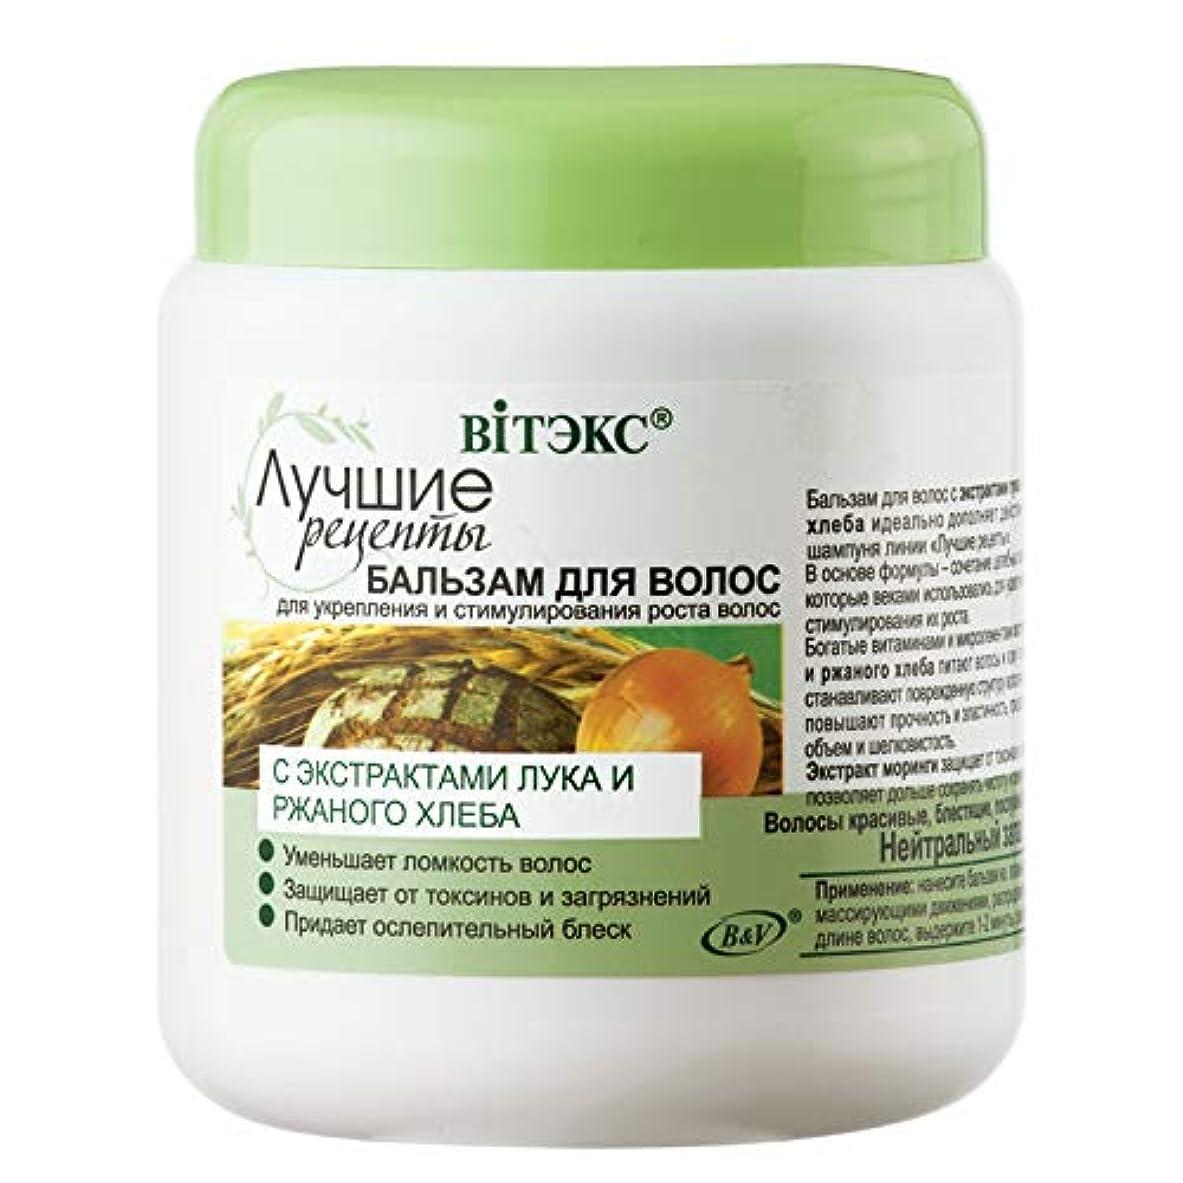 レベル暗くする踏み台Bielita & Vitex Best Recipes Line | Strengthening & Hair Balm for All Hair Types, 450 ml | Moringa Extract, Onion Extract, Rye Bread Extract, Vitamins